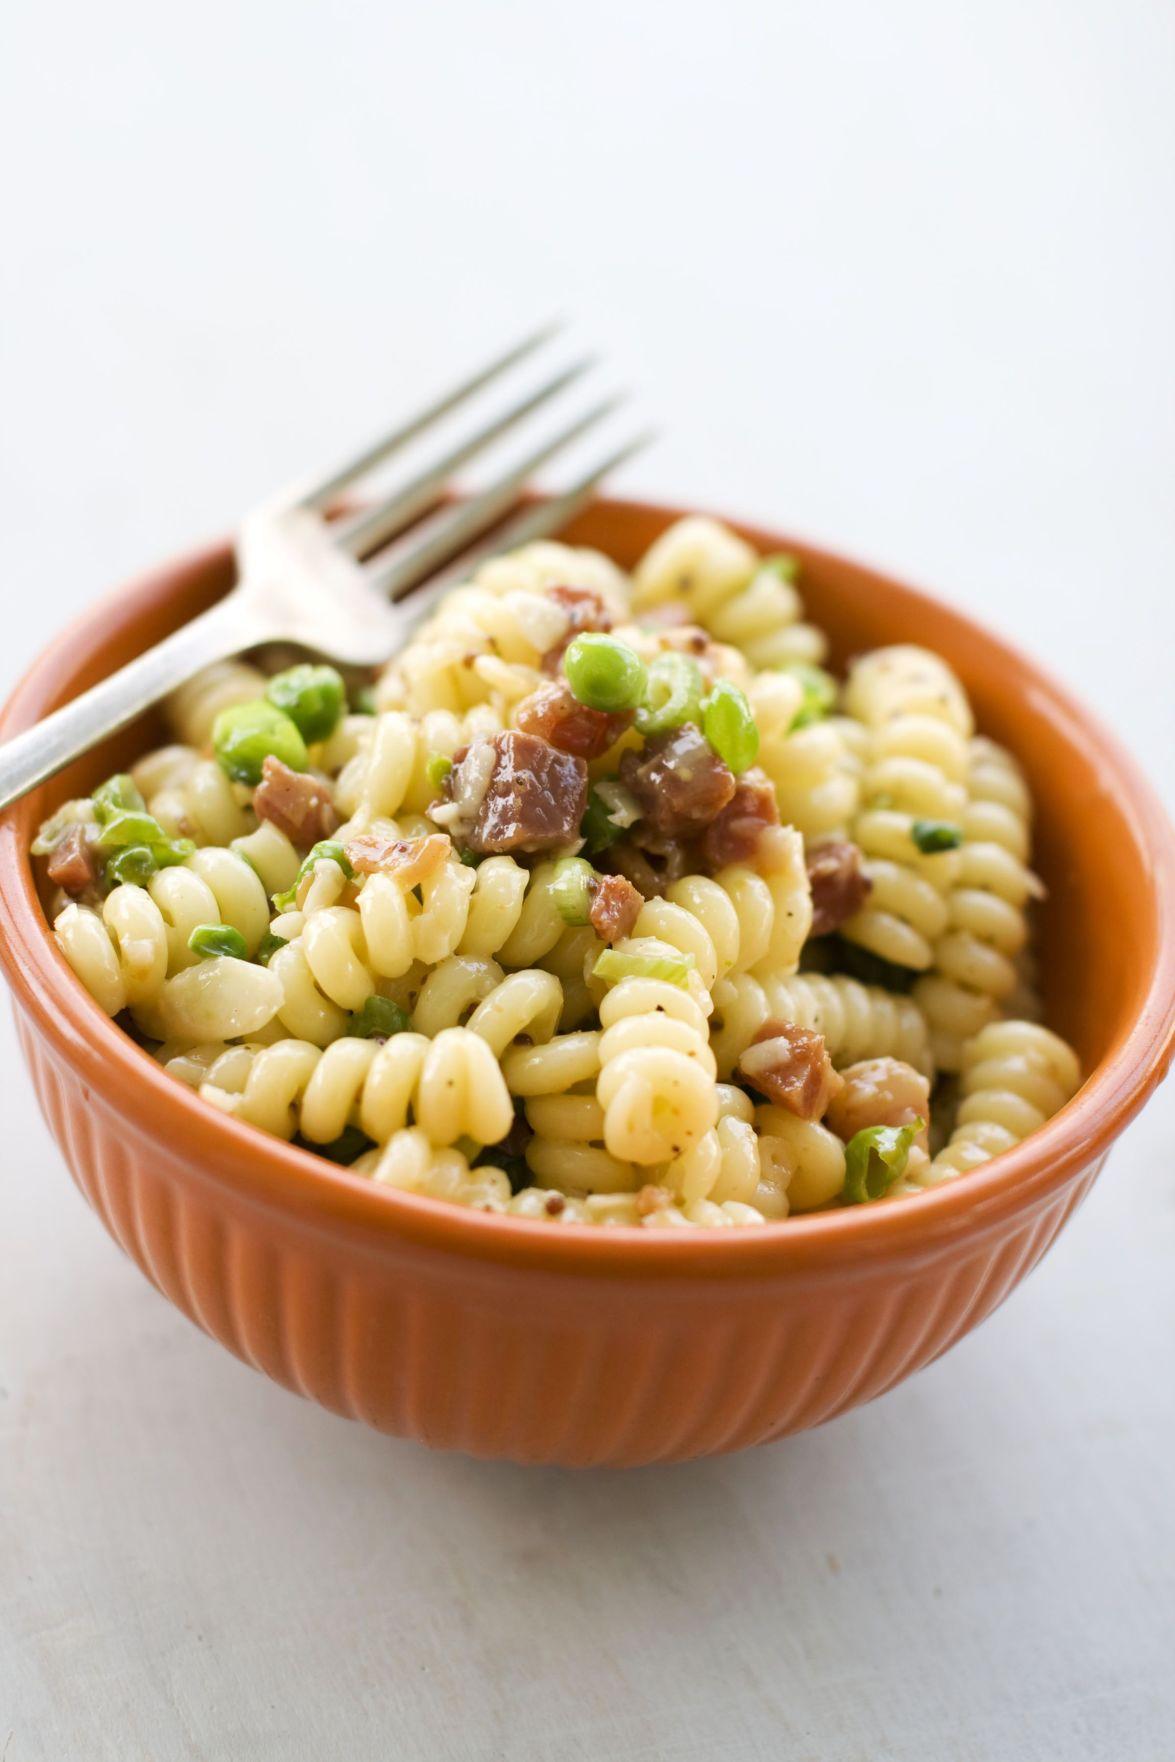 Pasta carbonara tasty summer salad